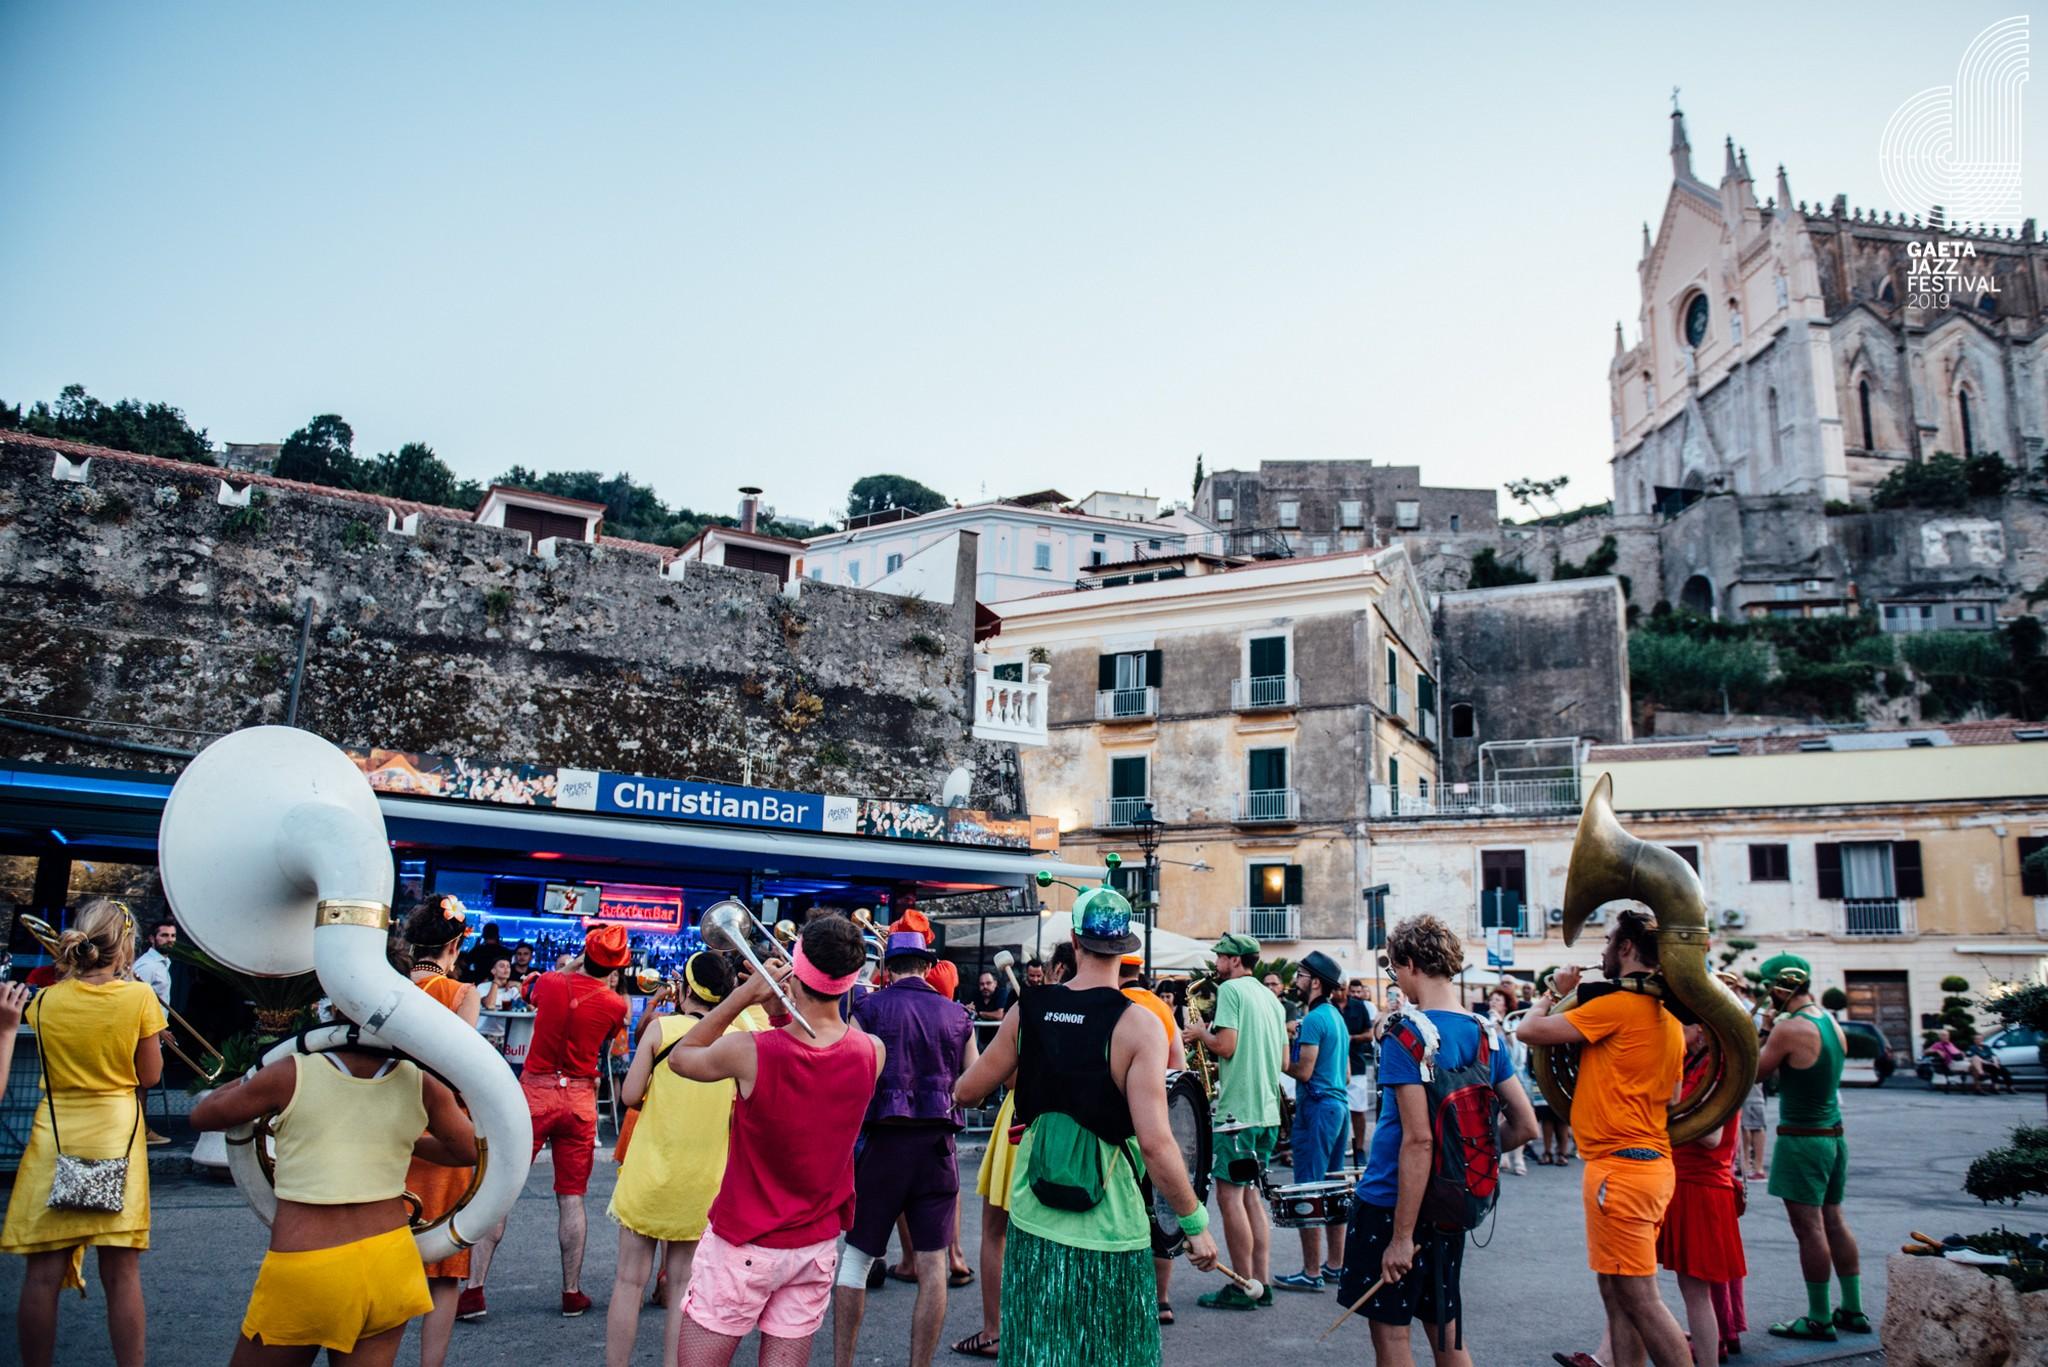 Flavia_Fiengo_Gaeta_Jazz_Festival_live_2019__00033